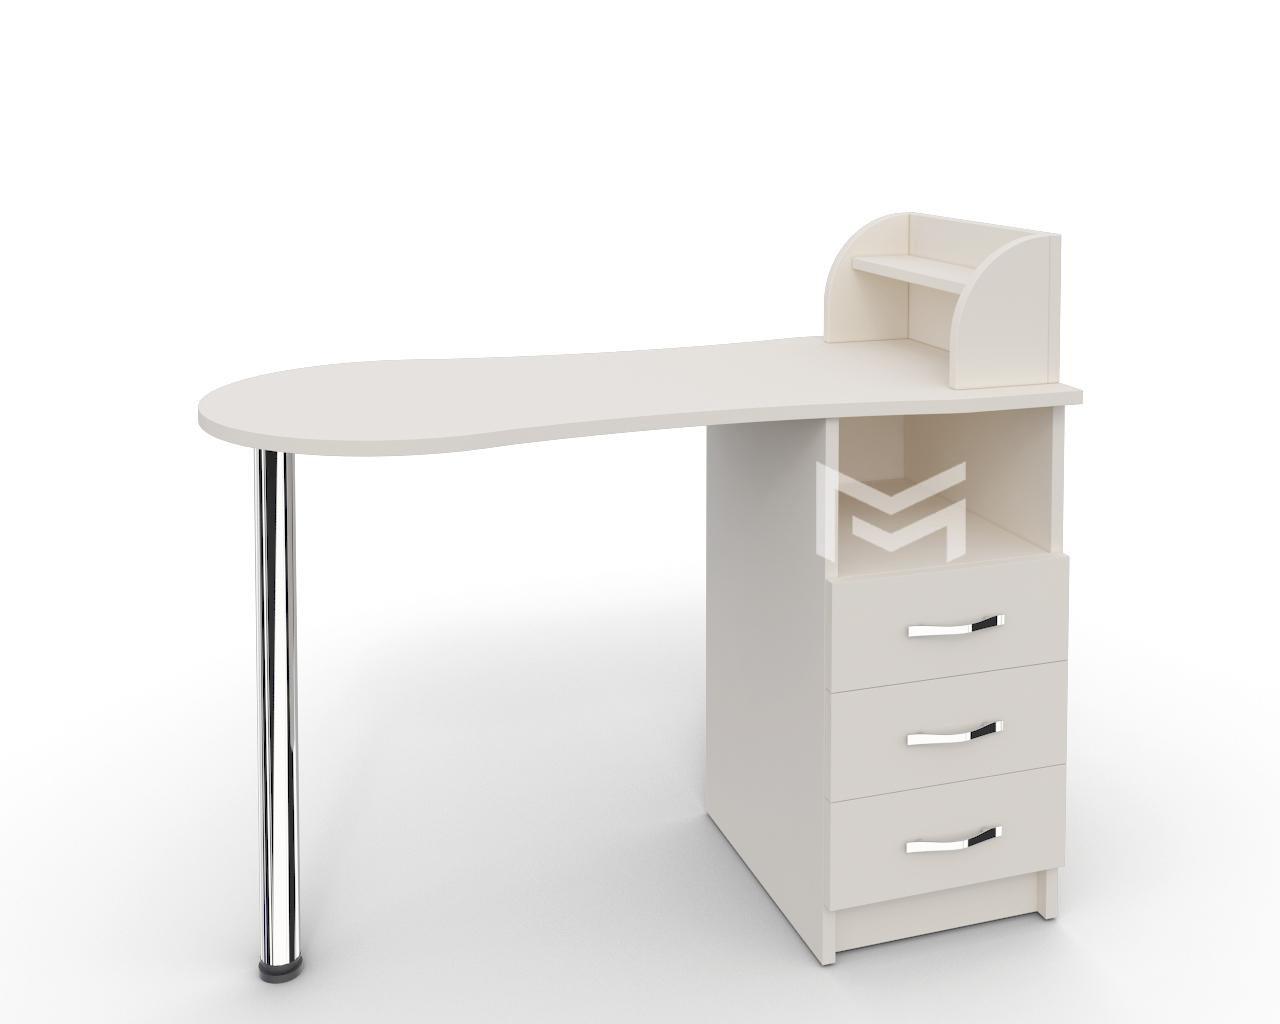 """Стол для маникюра с надстройкой для маникюрного кабинета, для салонов красоты M103 """"Эстет №3"""""""